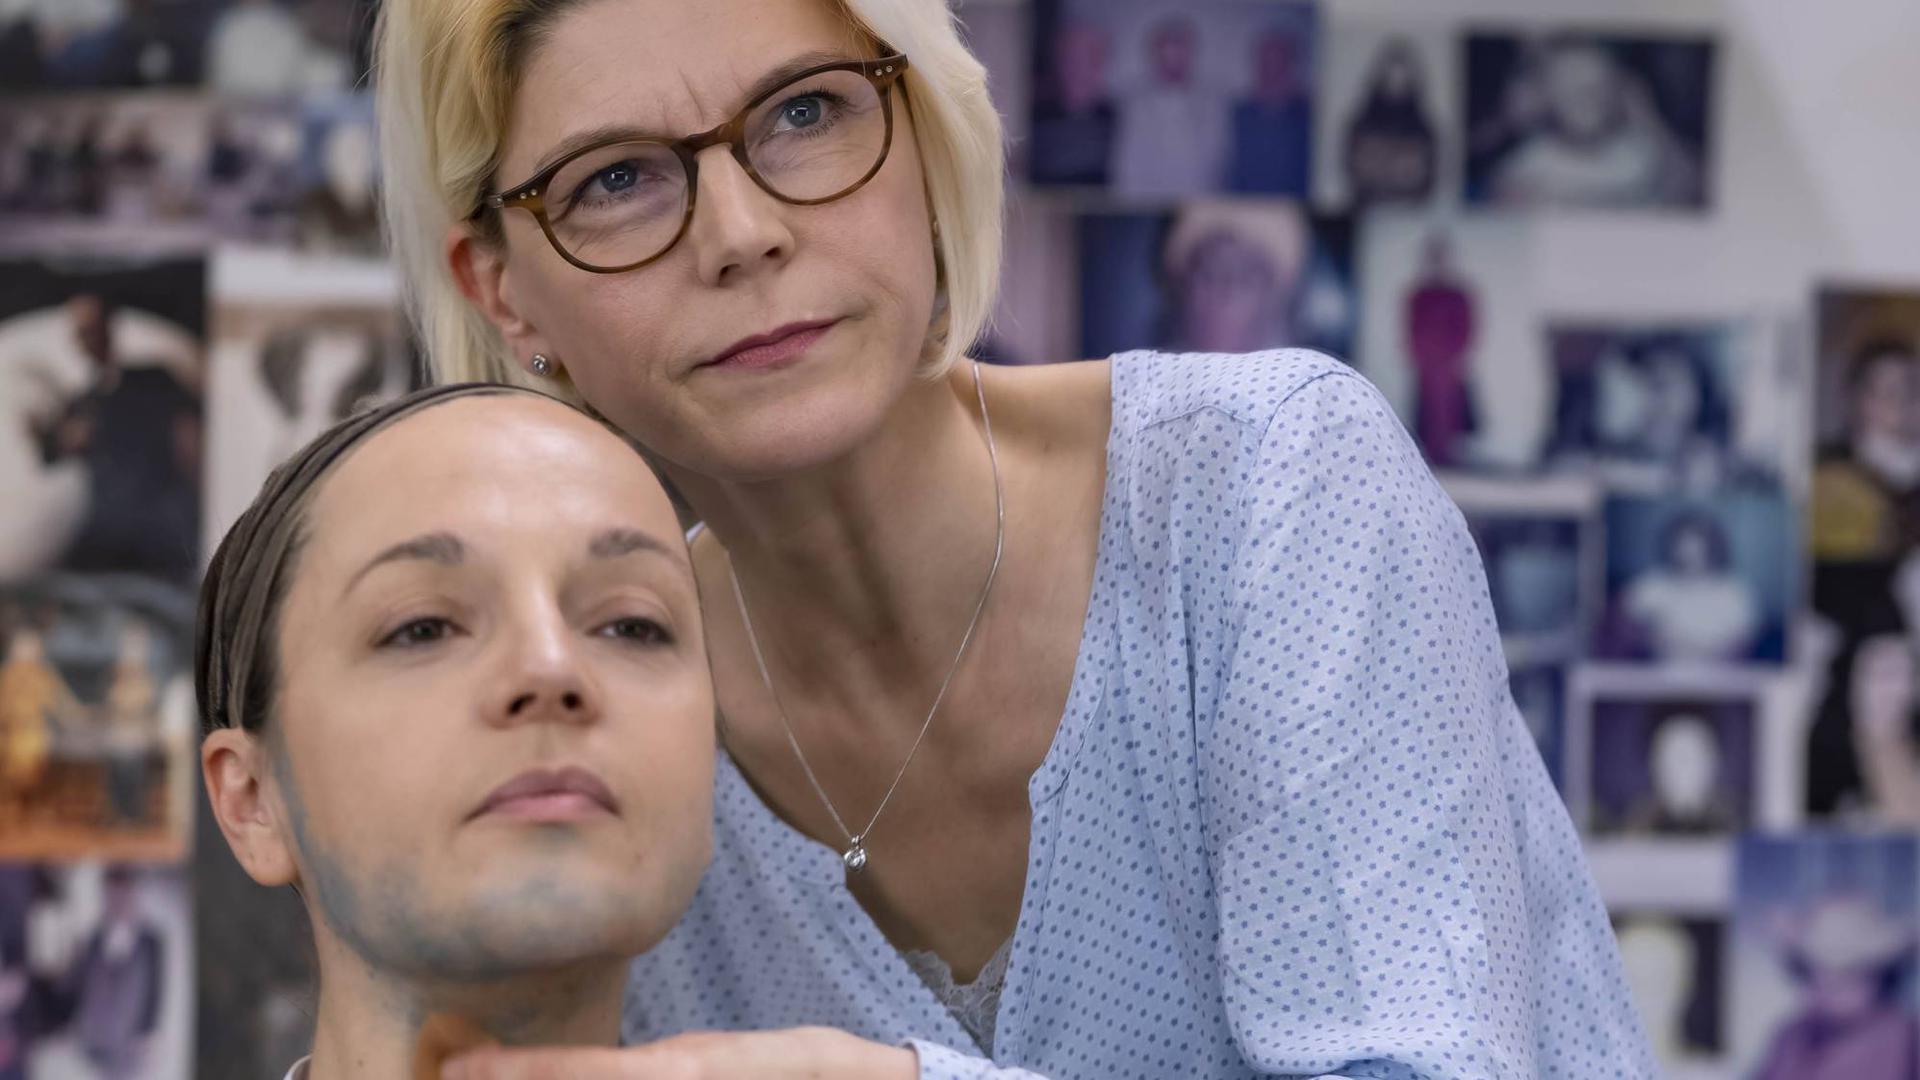 Mann zum von frau Transgender: Diese